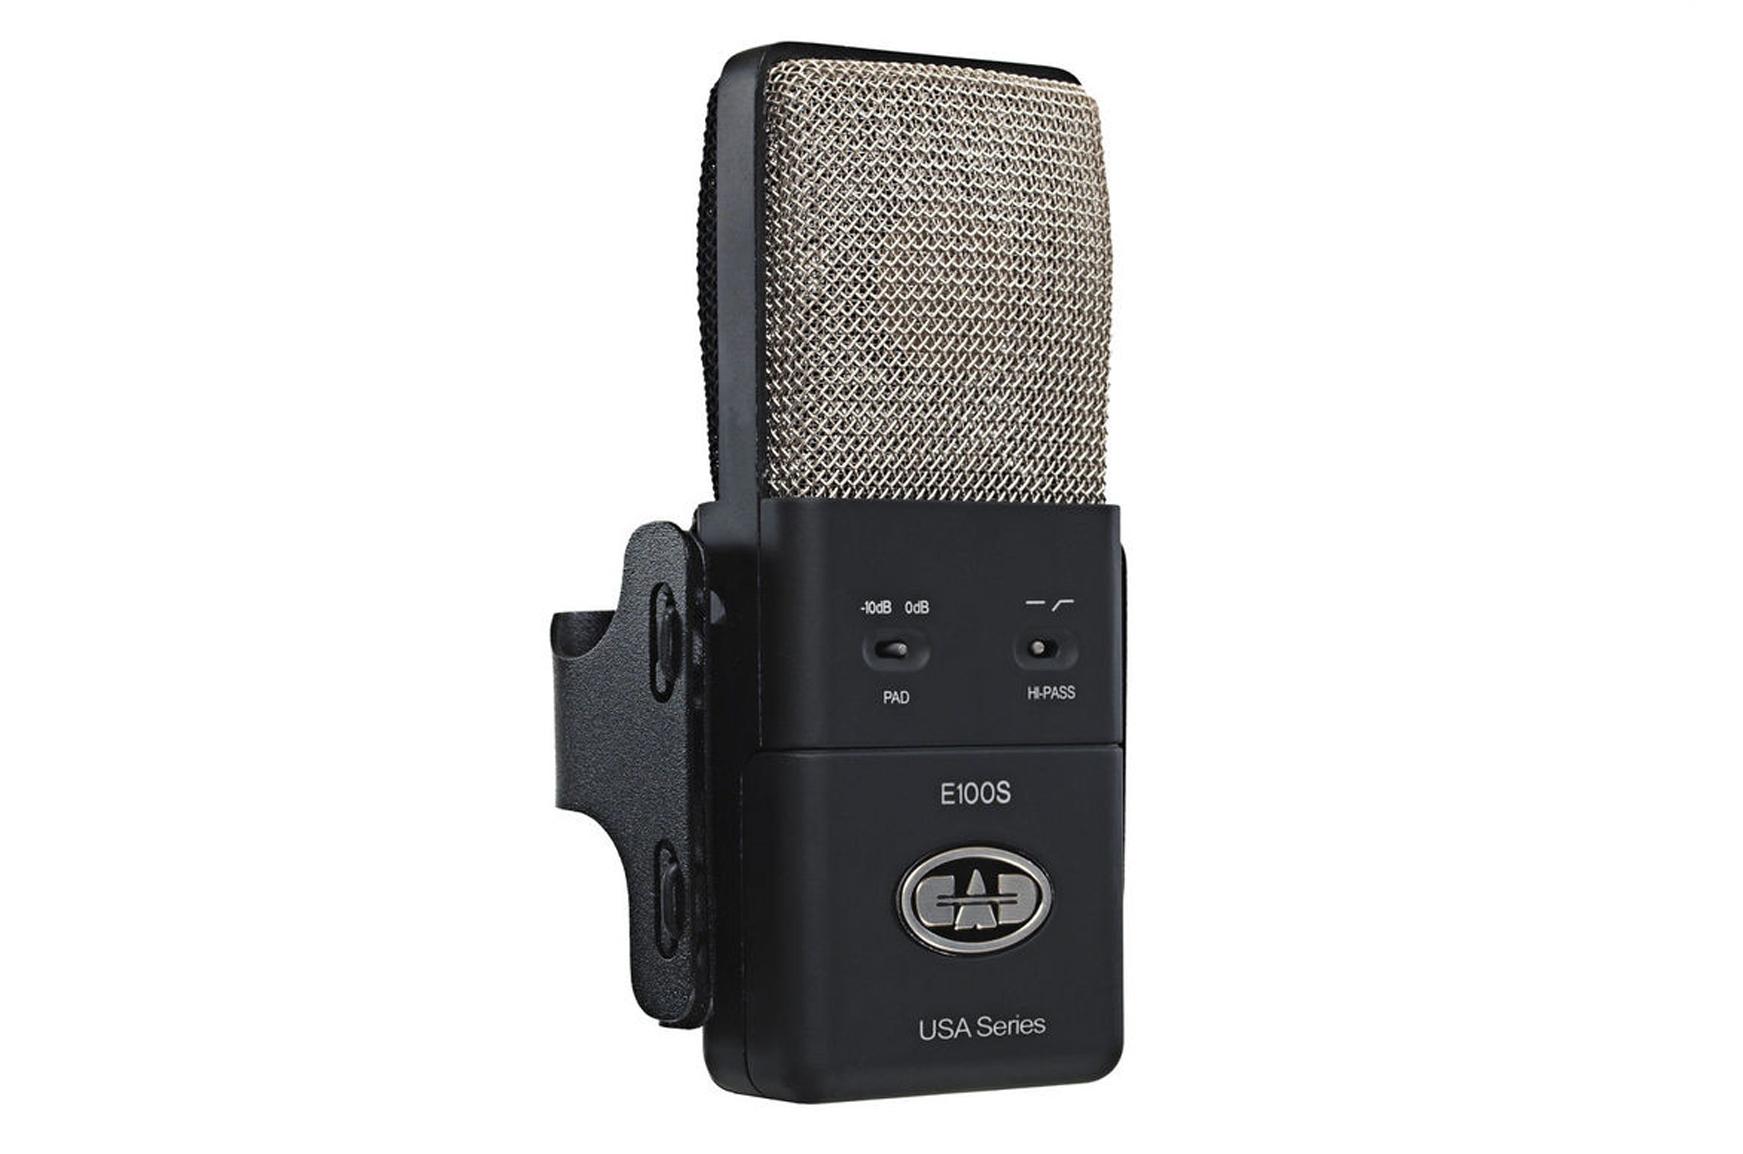 E100S large diaphragm supercardioid condenser - CAD Audio